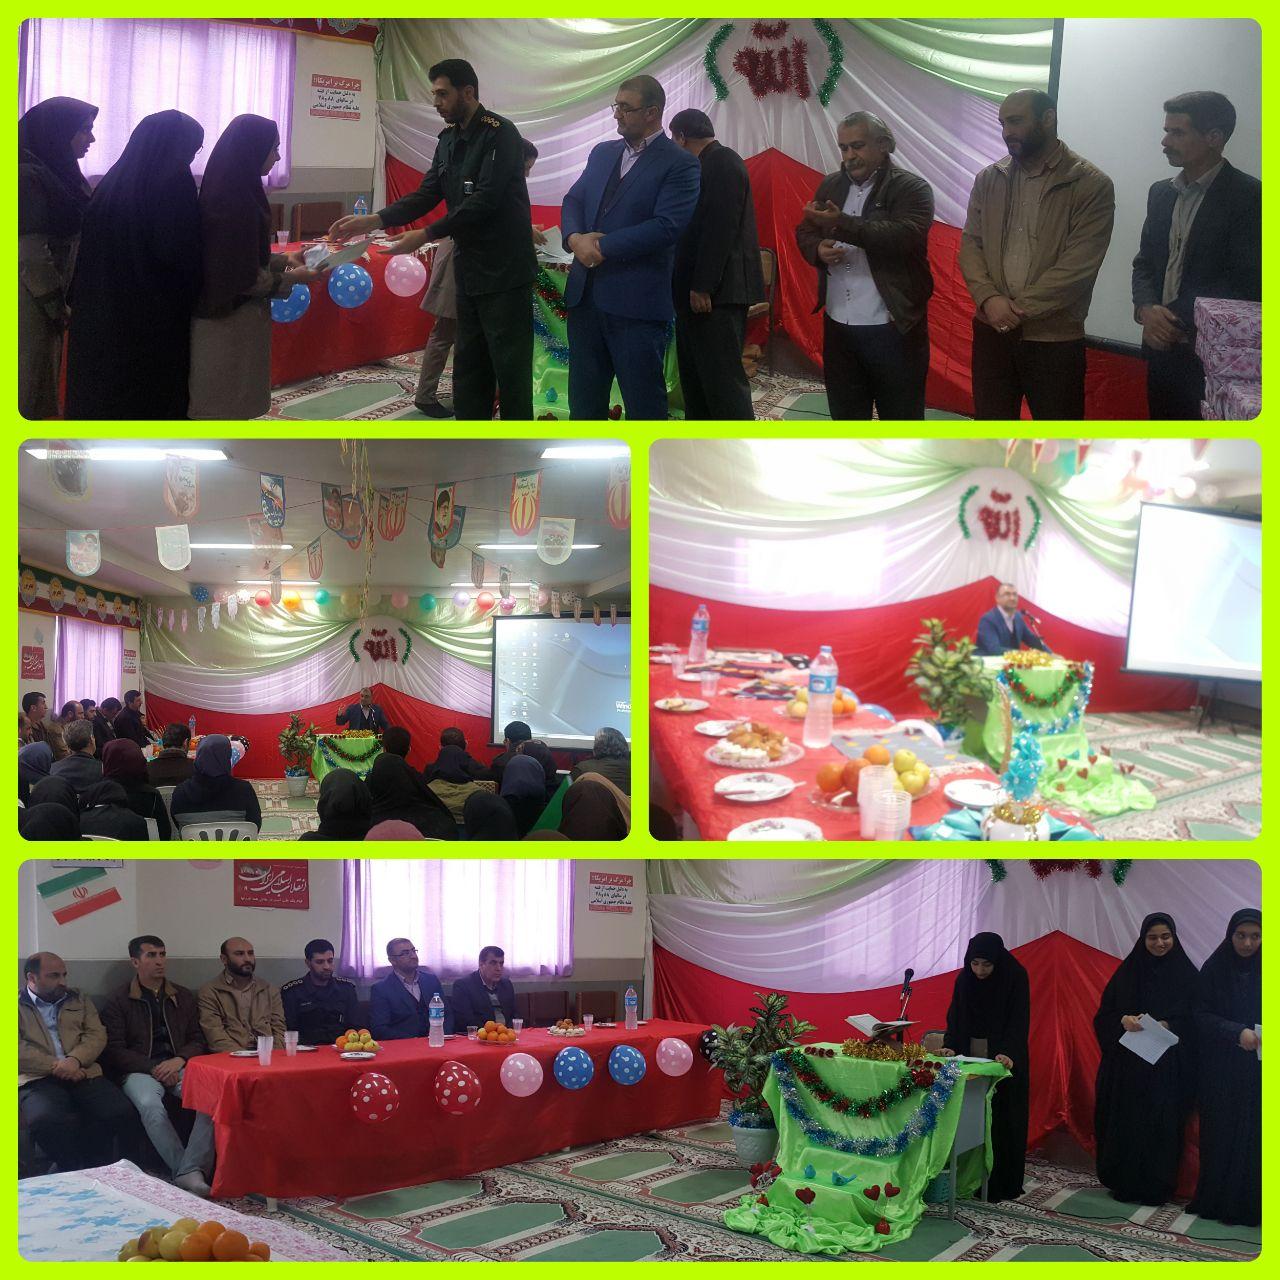 برگزاری جشن باشکوه پیروزی انقلاب اسلامی در دبیرستان های حضرت فاطمه(س) و حضرت خدیجه(س)